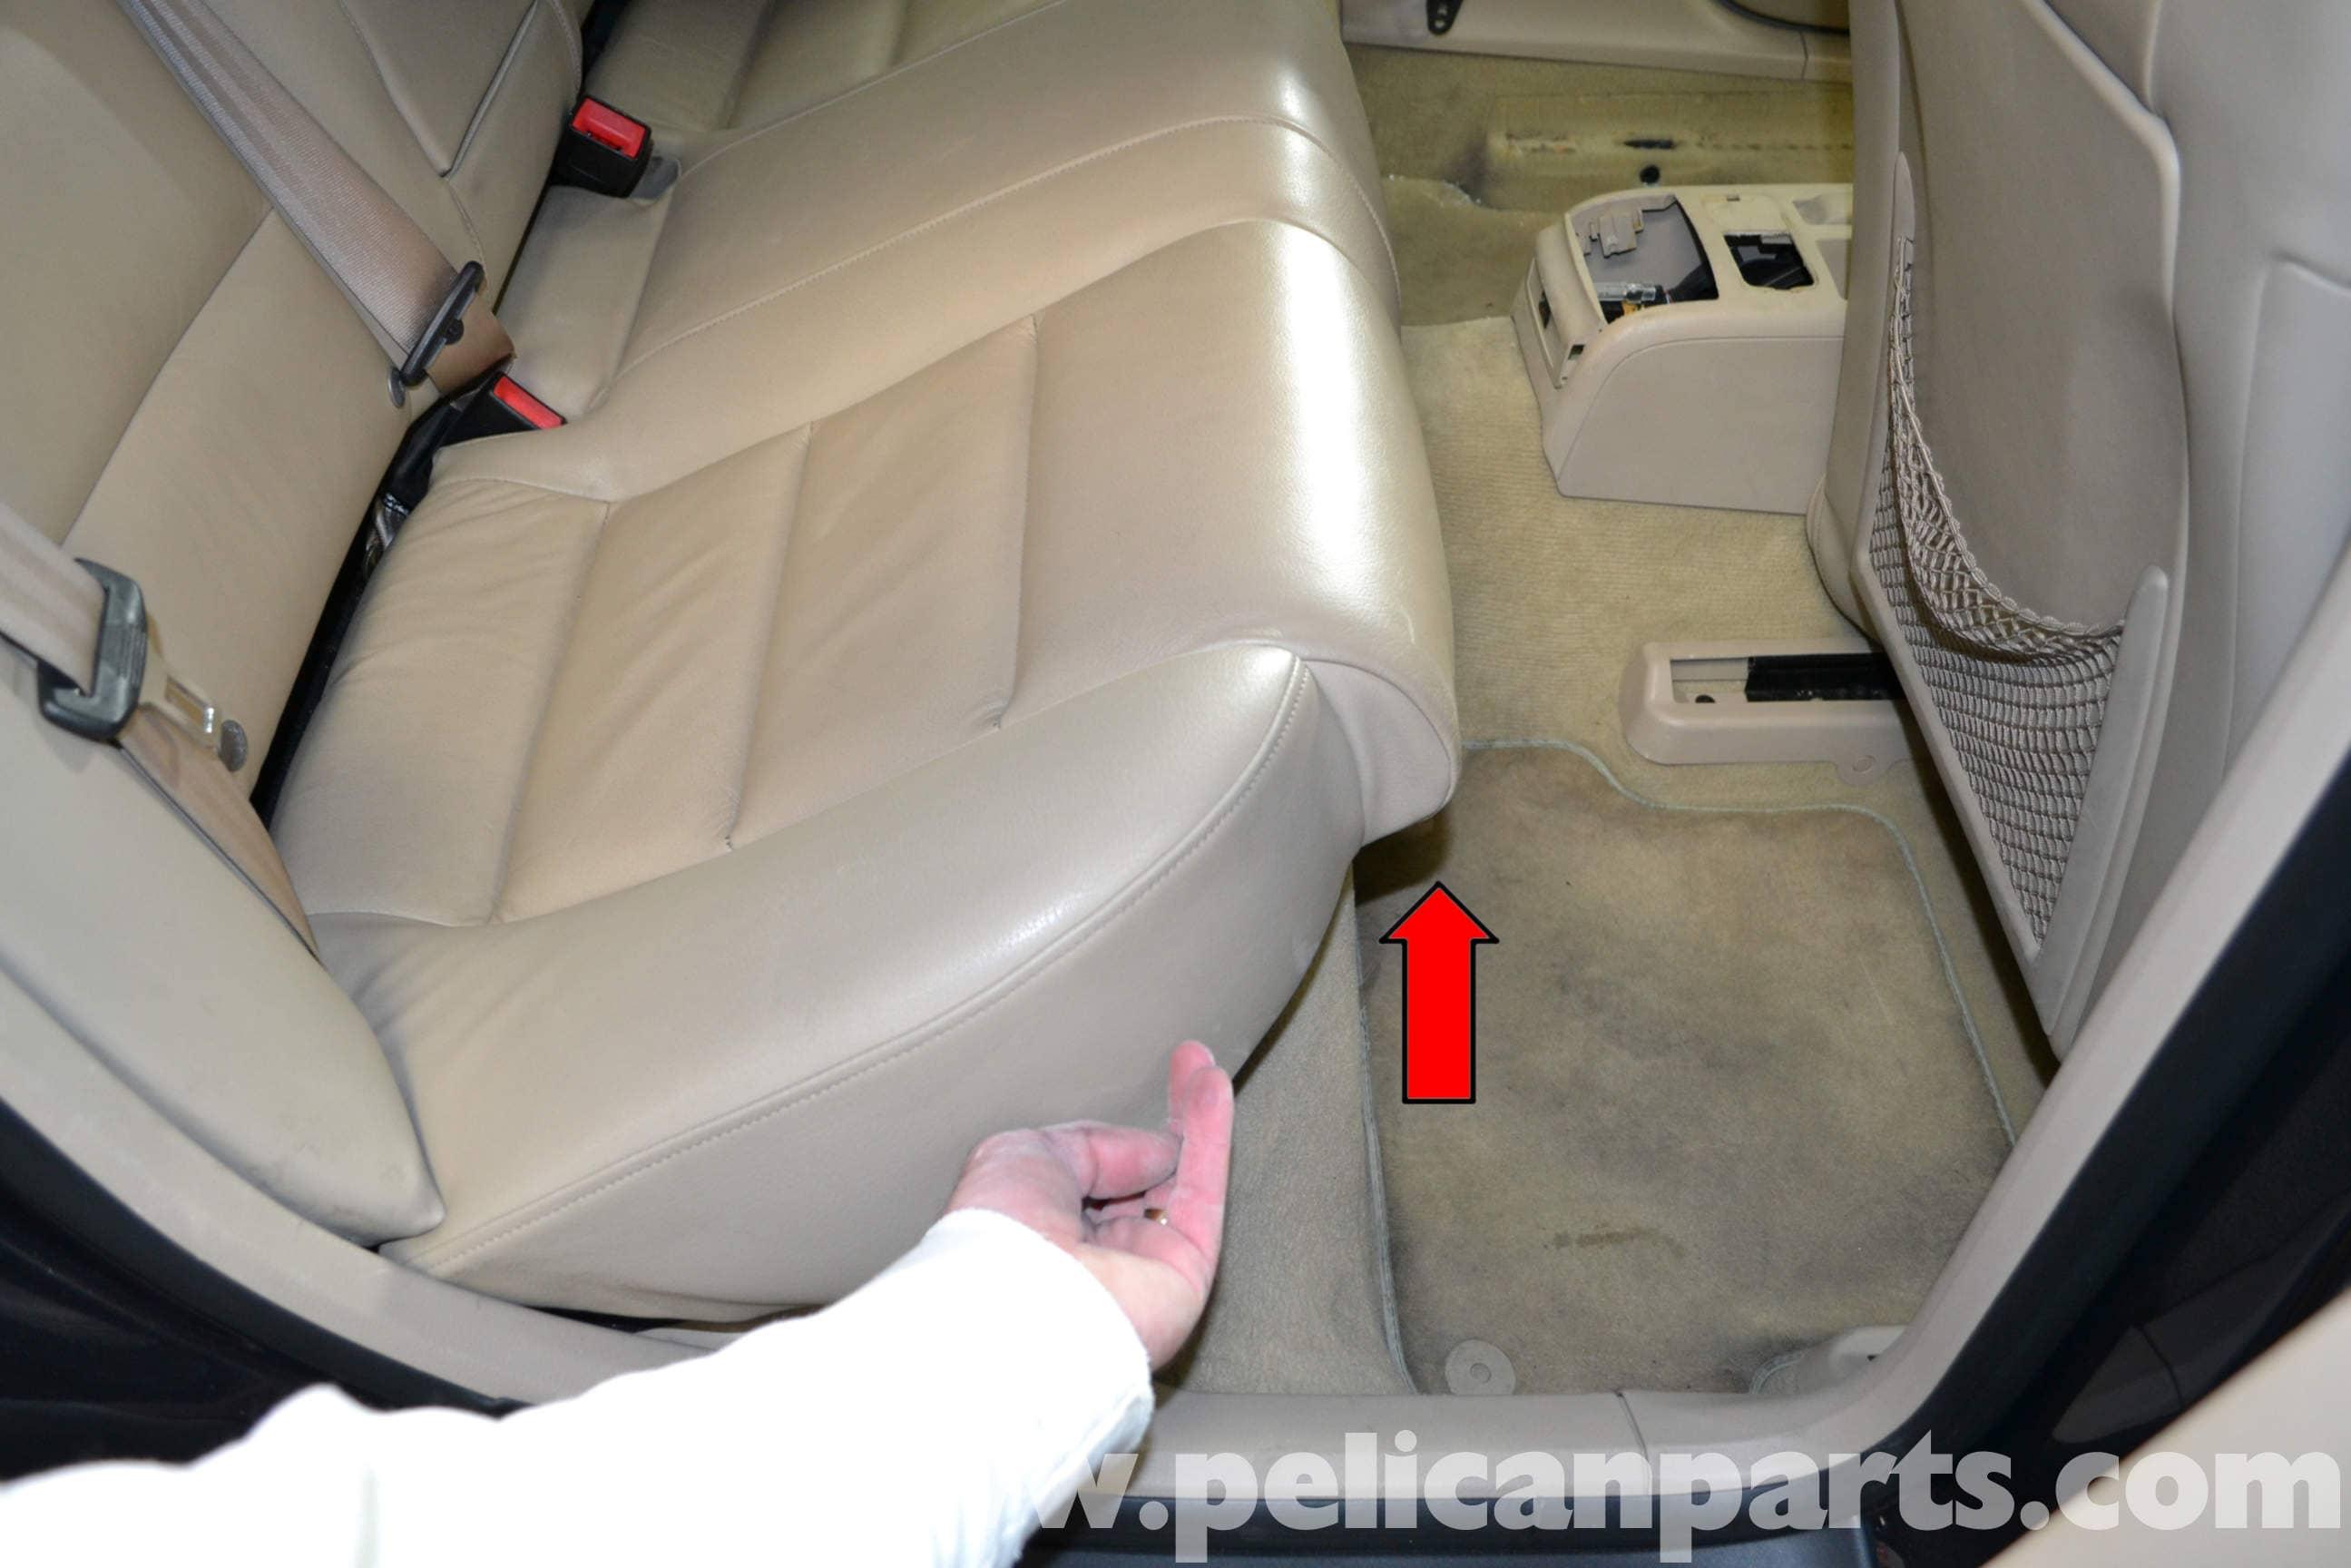 audi a4 b6 seat removal 2002 2008 pelican parts diy maintenance rh pelicanparts com Audi A4 Quattro 2003 Audi A4 1.8T Exhaust